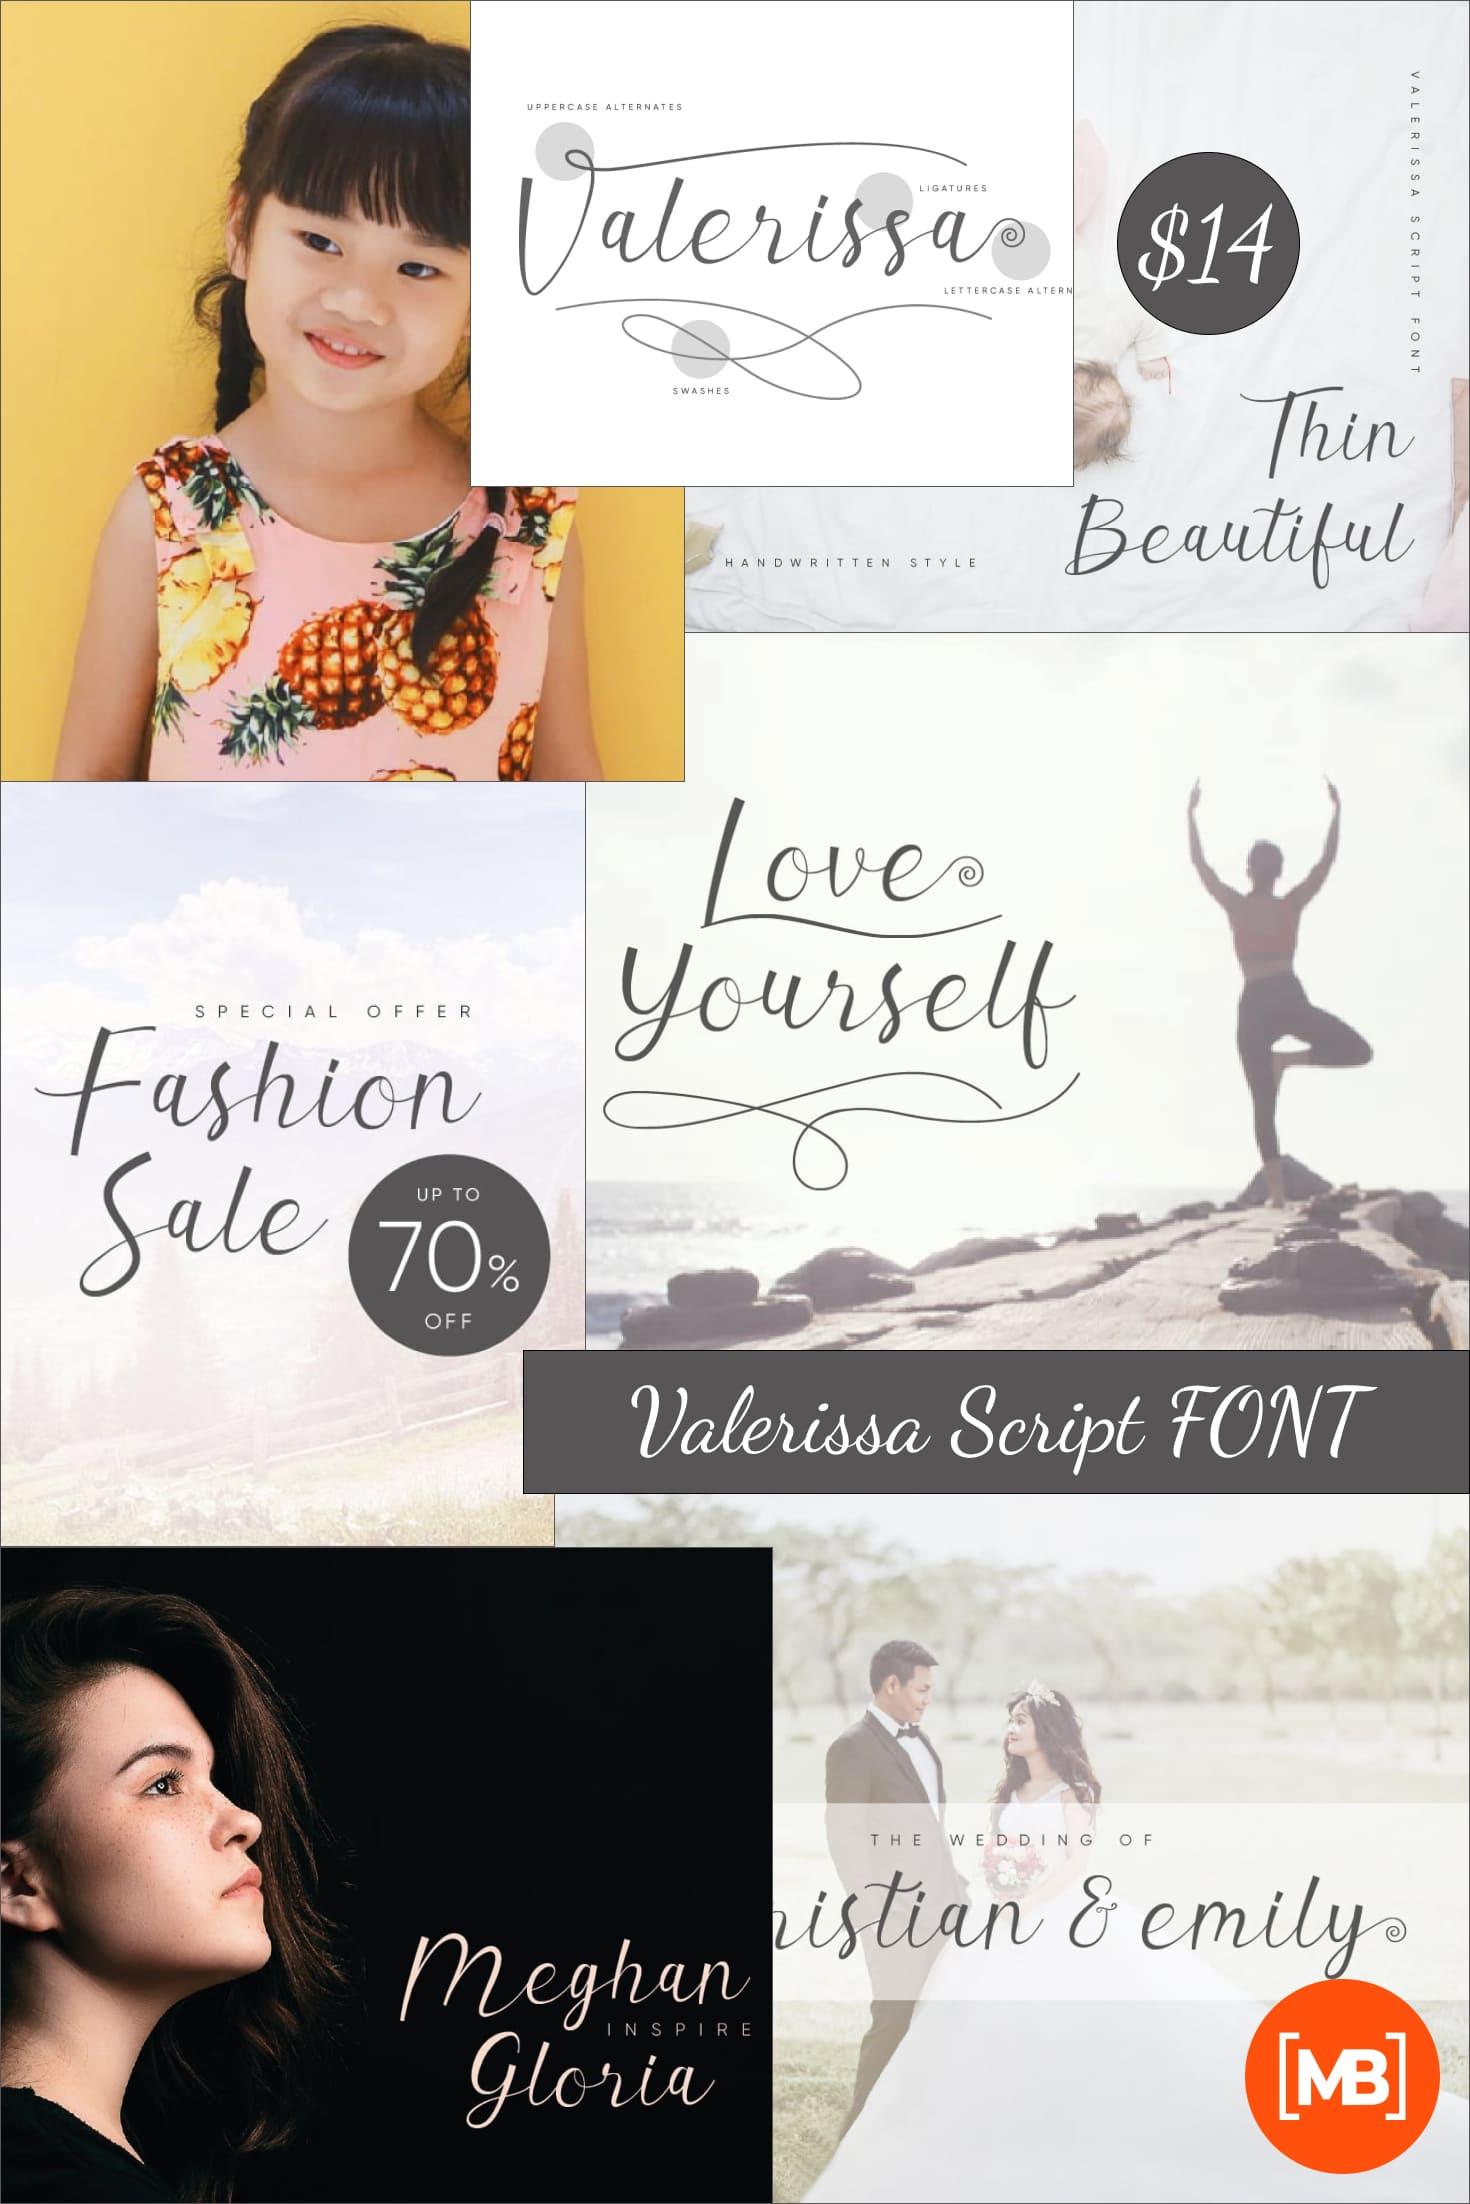 Valerissa Script FONT – just $14. Collage Image.